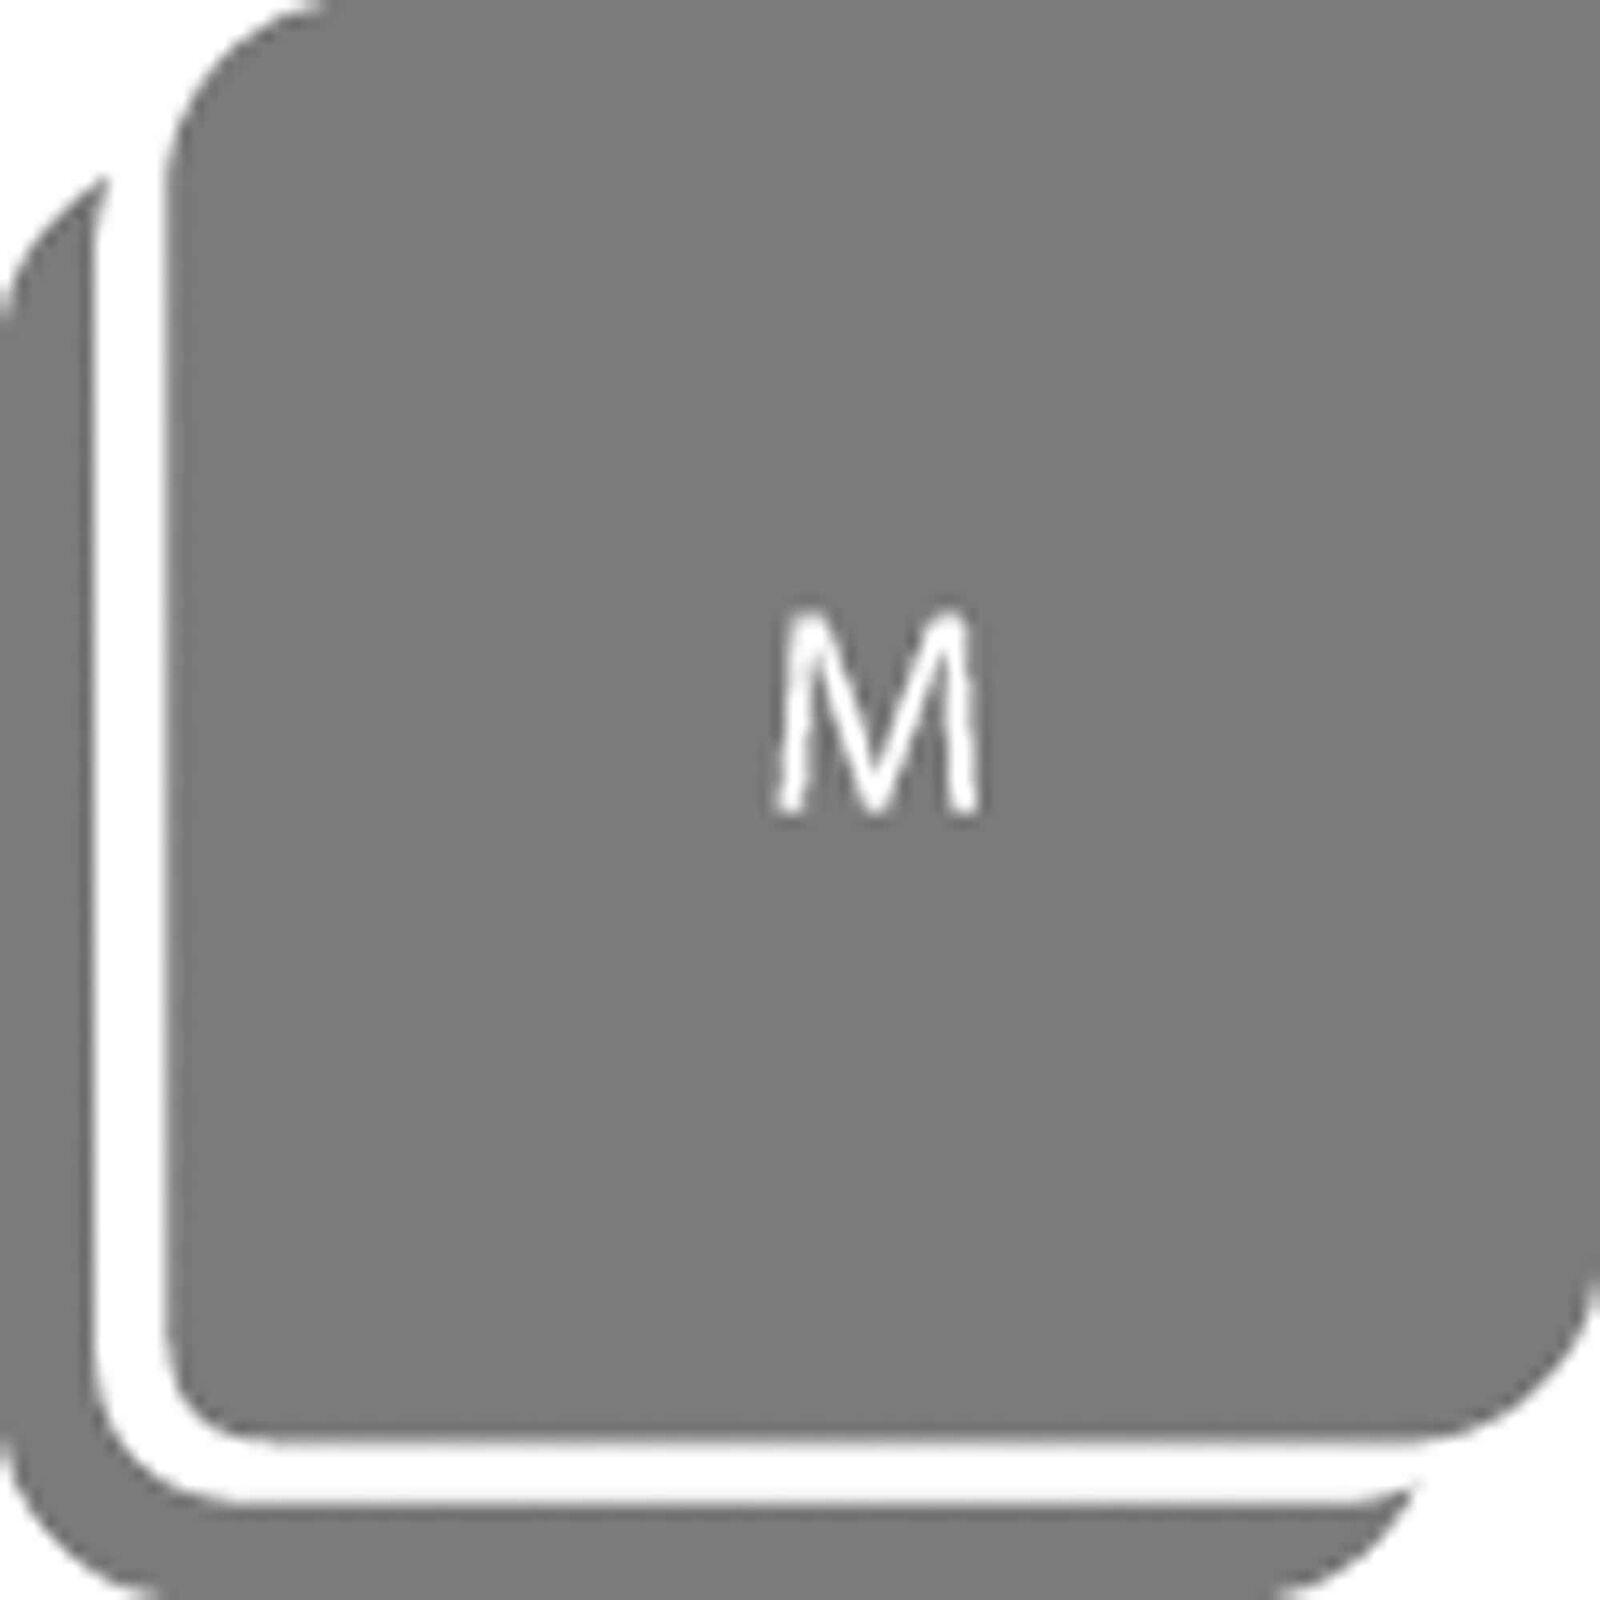 JBO Gewinde Grenzlehrdorn Grenzlehrdorn Grenzlehrdorn 6H M30,0 - 512075 | Moderate Kosten  | Schön In Der Farbe  | Lass unsere Waren in die Welt gehen  642806